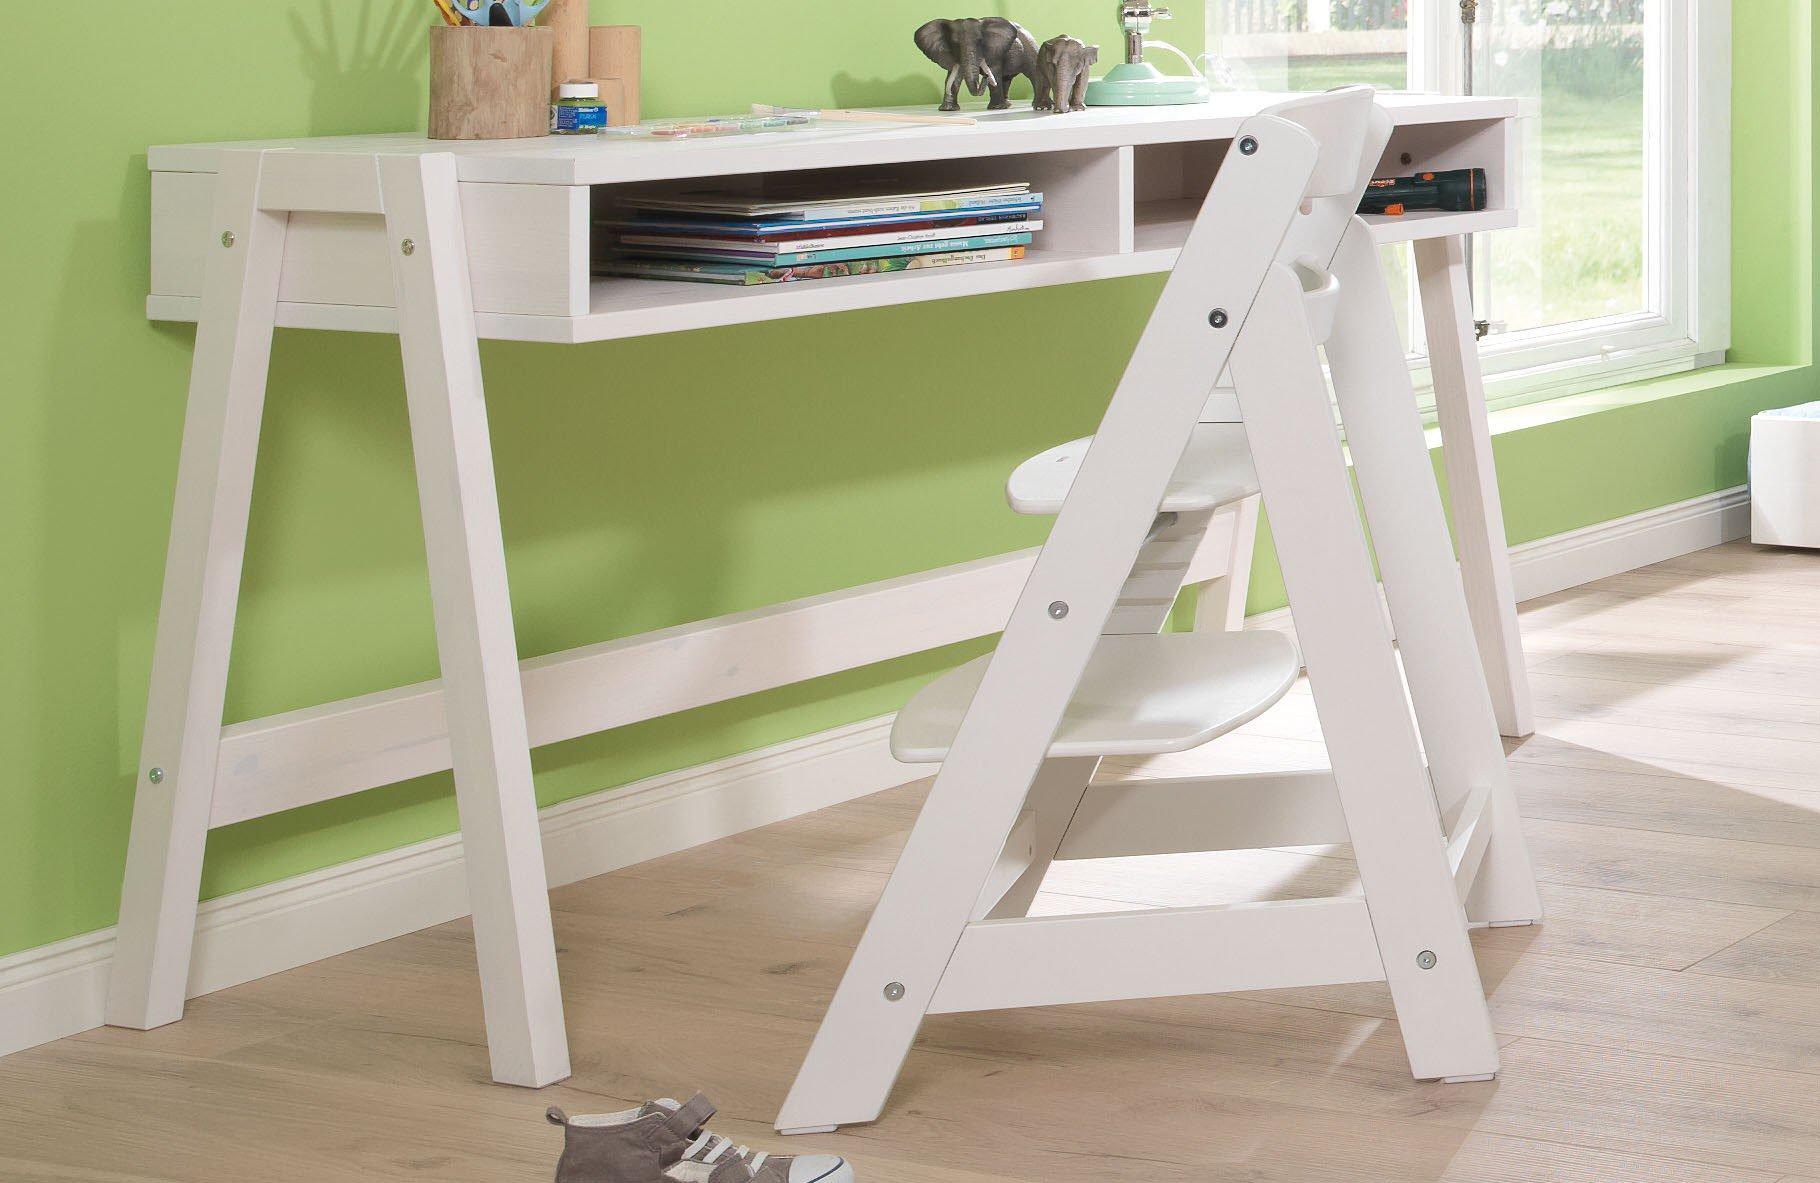 Wellemöbel Lumio-Kids Kinderzimmer Kiefer | Möbel Letz - Ihr Online-Shop